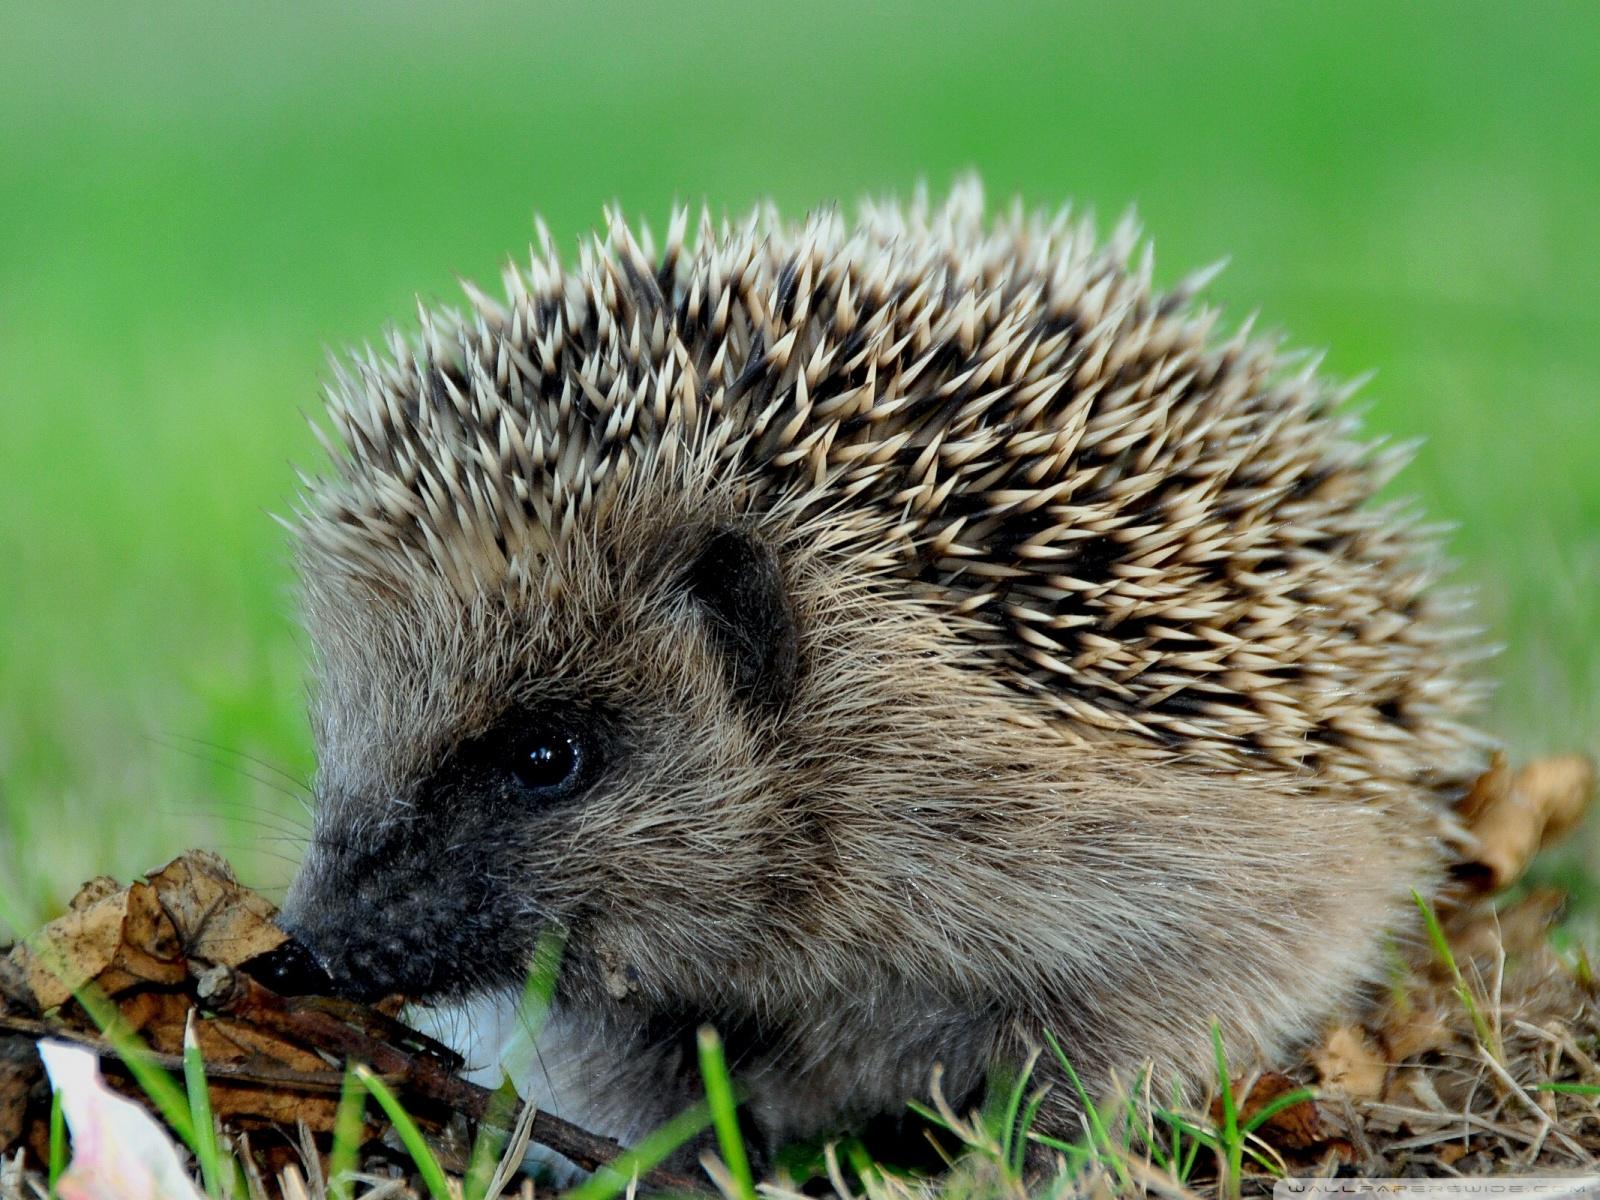 Free Cute Hedgehog phone wallpaper by roonn